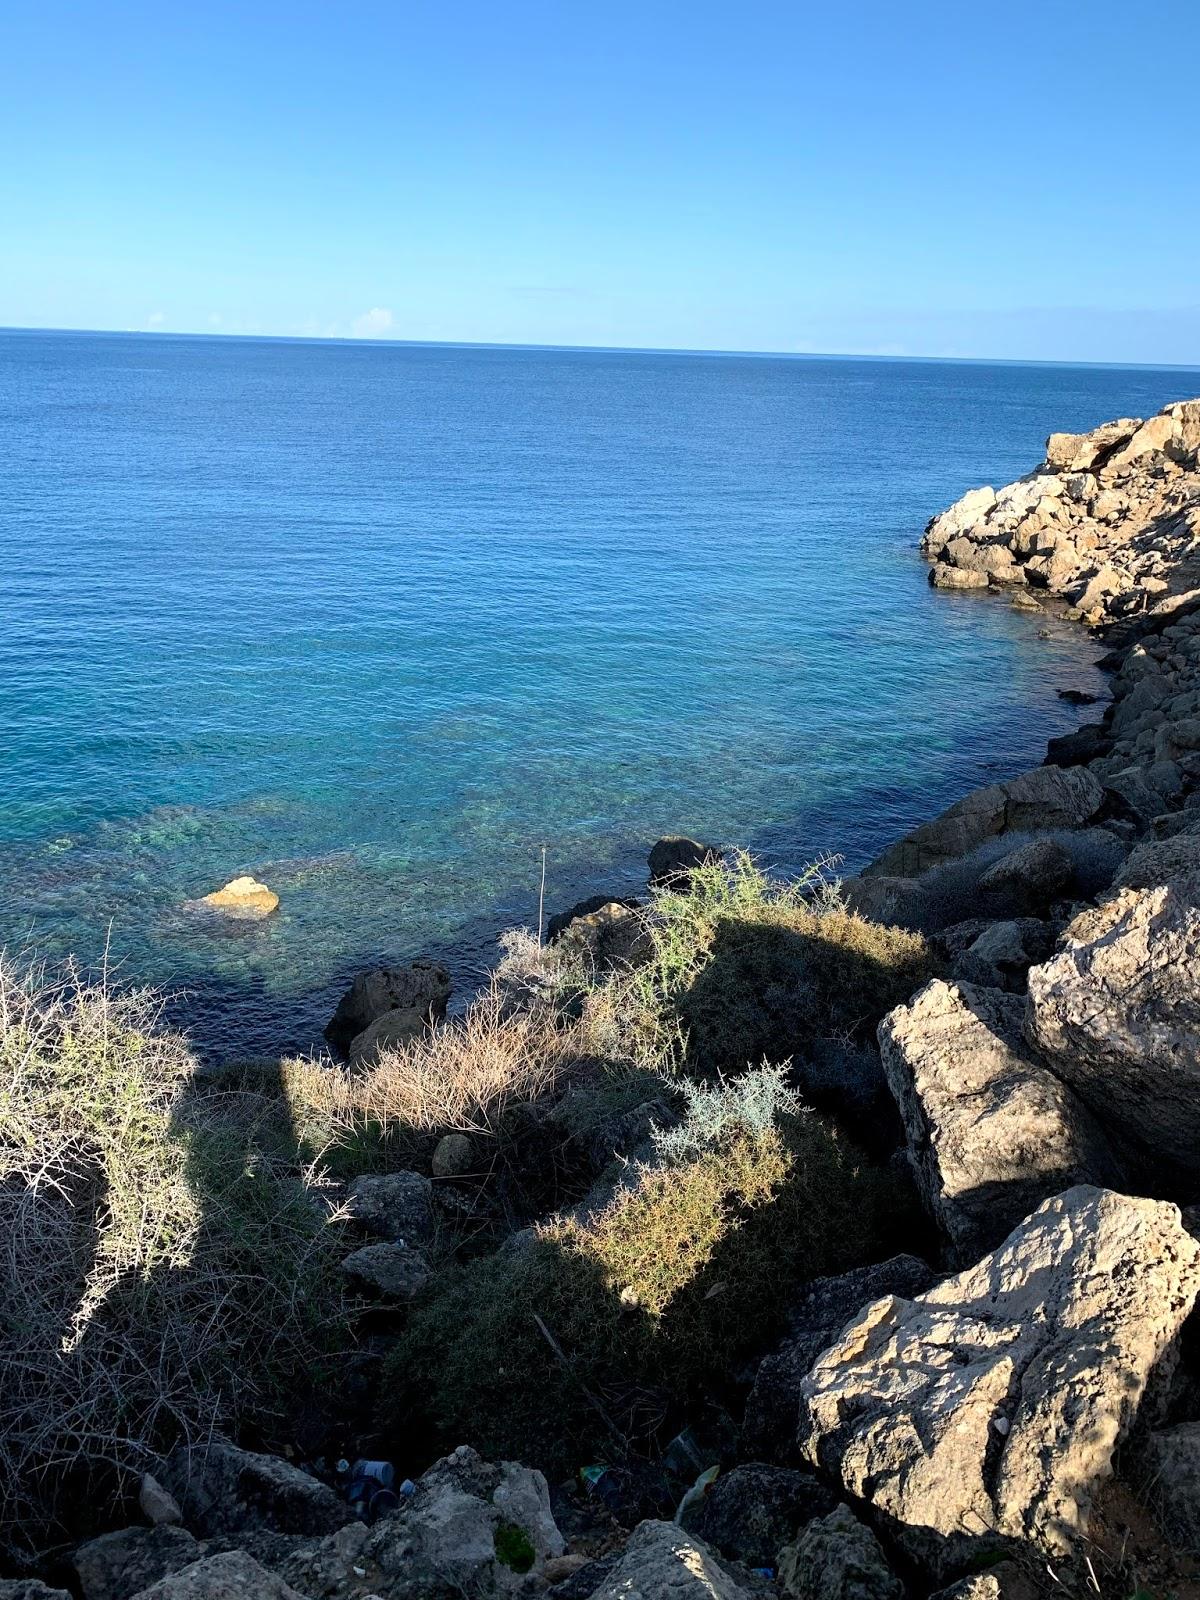 Cypr – przydatne informacje i kilka zdjęć